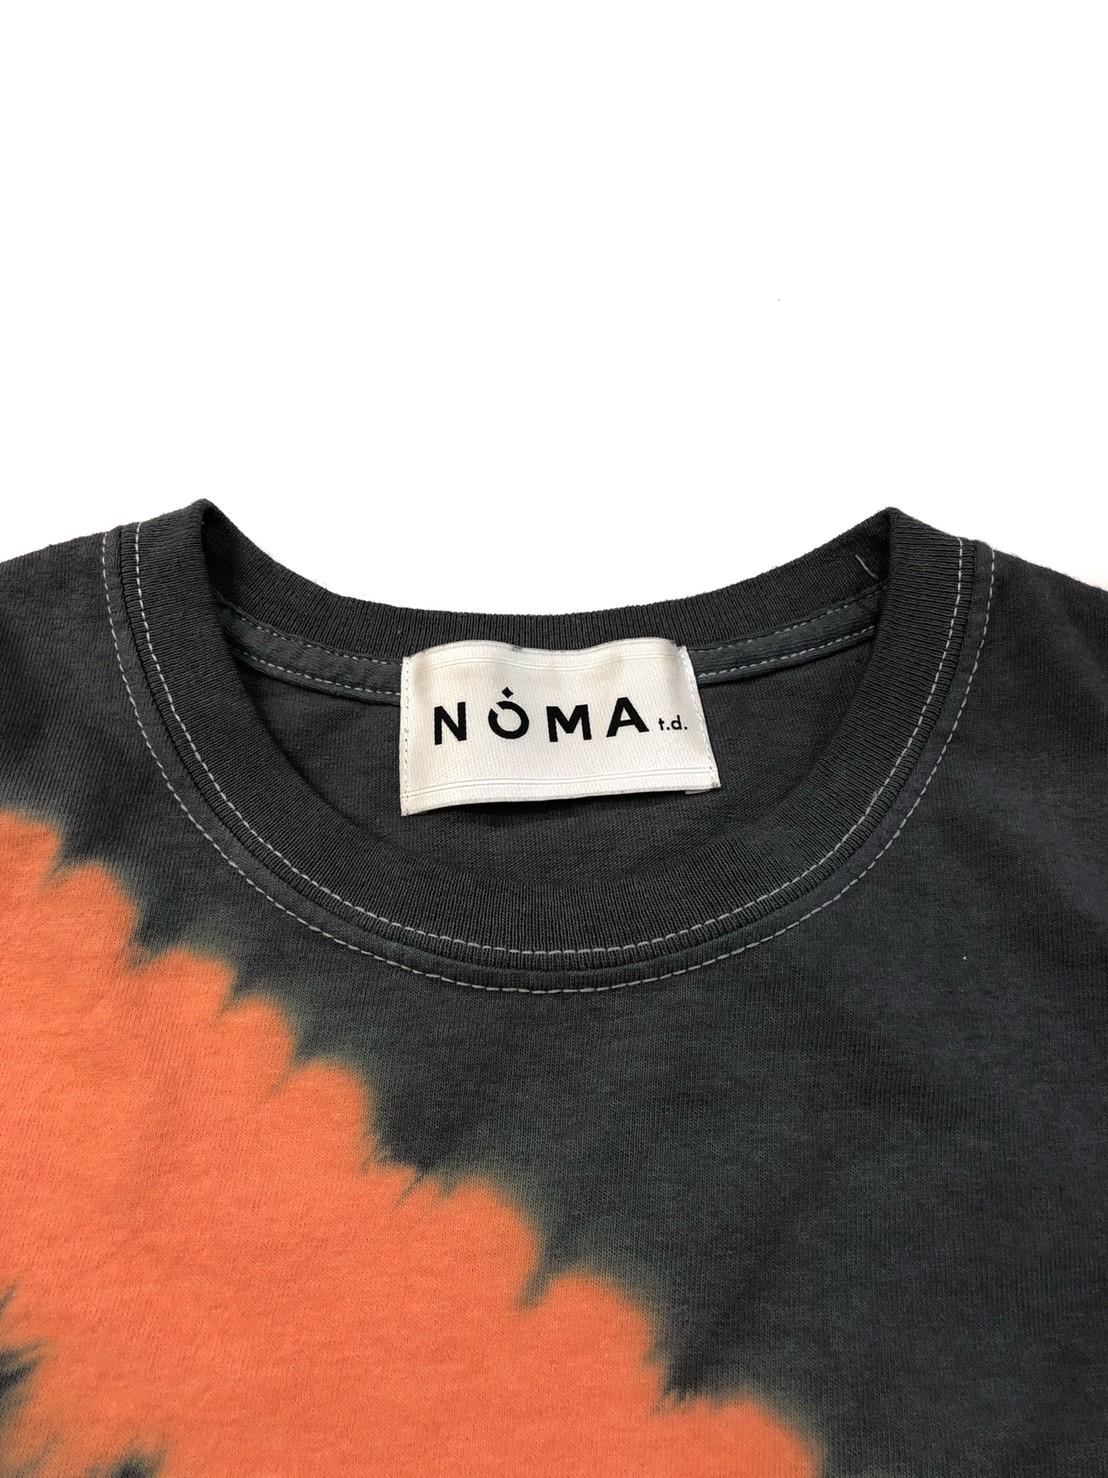 NOMA T.D.